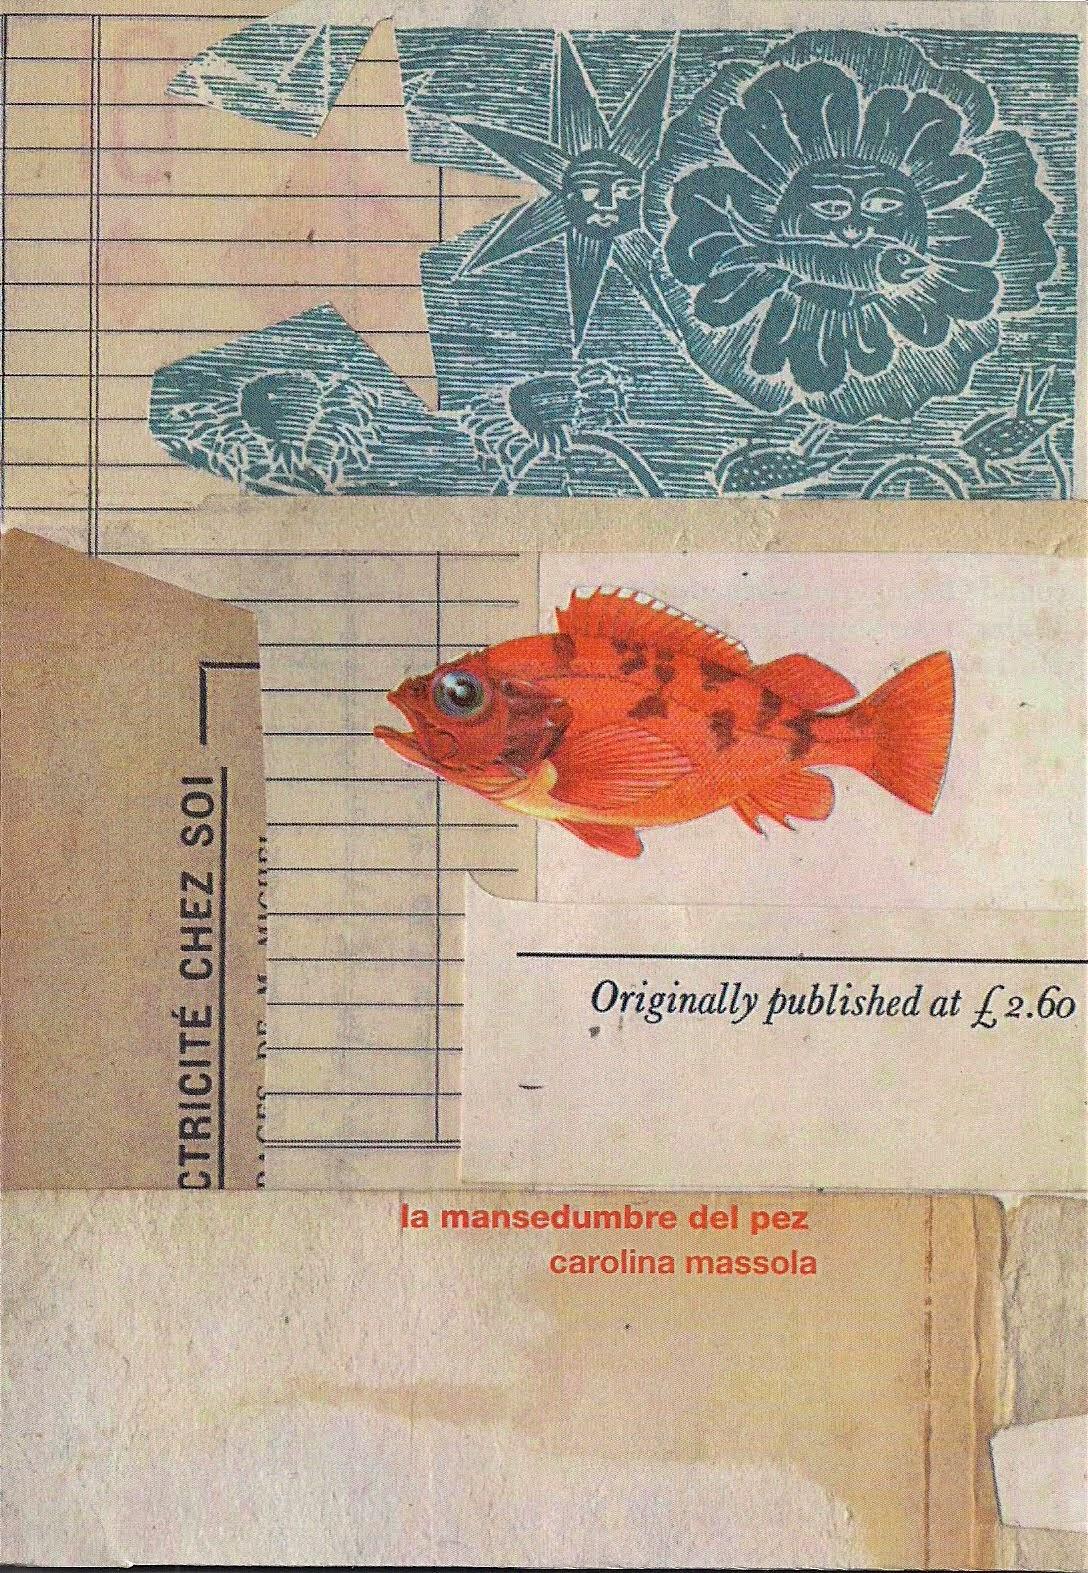 la mansedumbre del pez